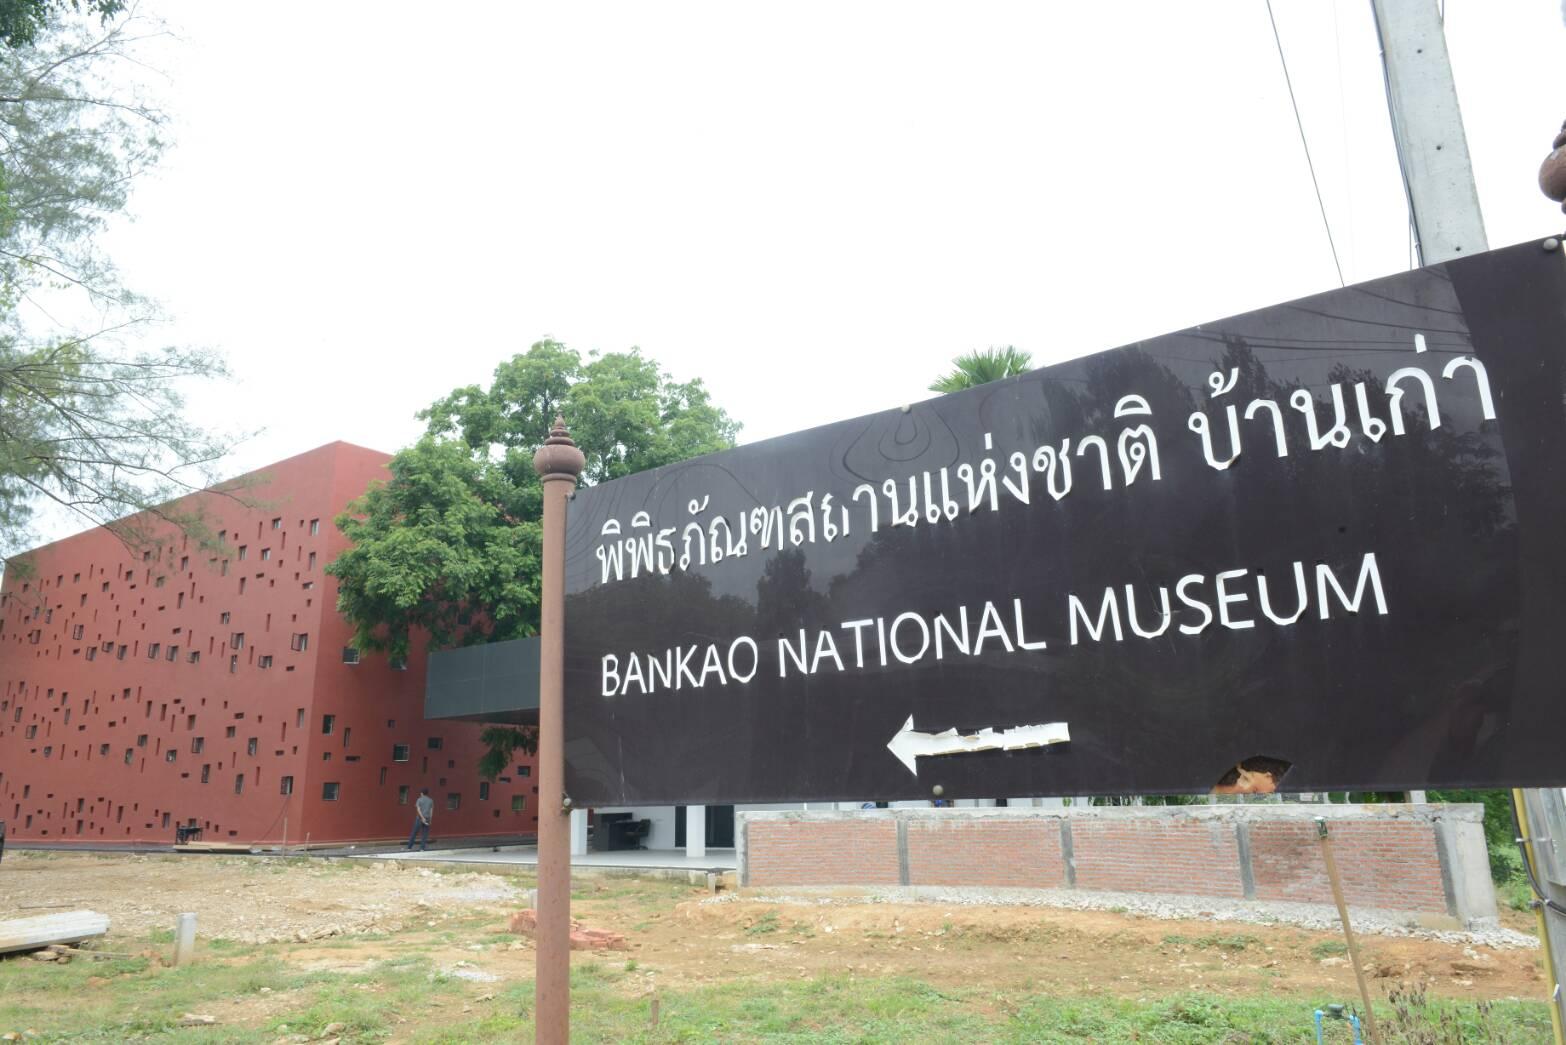 อธิบดีกรมศิลปากรตรวจติดตามความคืบหน้าโครงการพัฒนาและเพิ่มเติมศักยภาพพิพิธภัณฑสถานแห่งชาติ บ้านเก่า (ระยะที่ ๒)